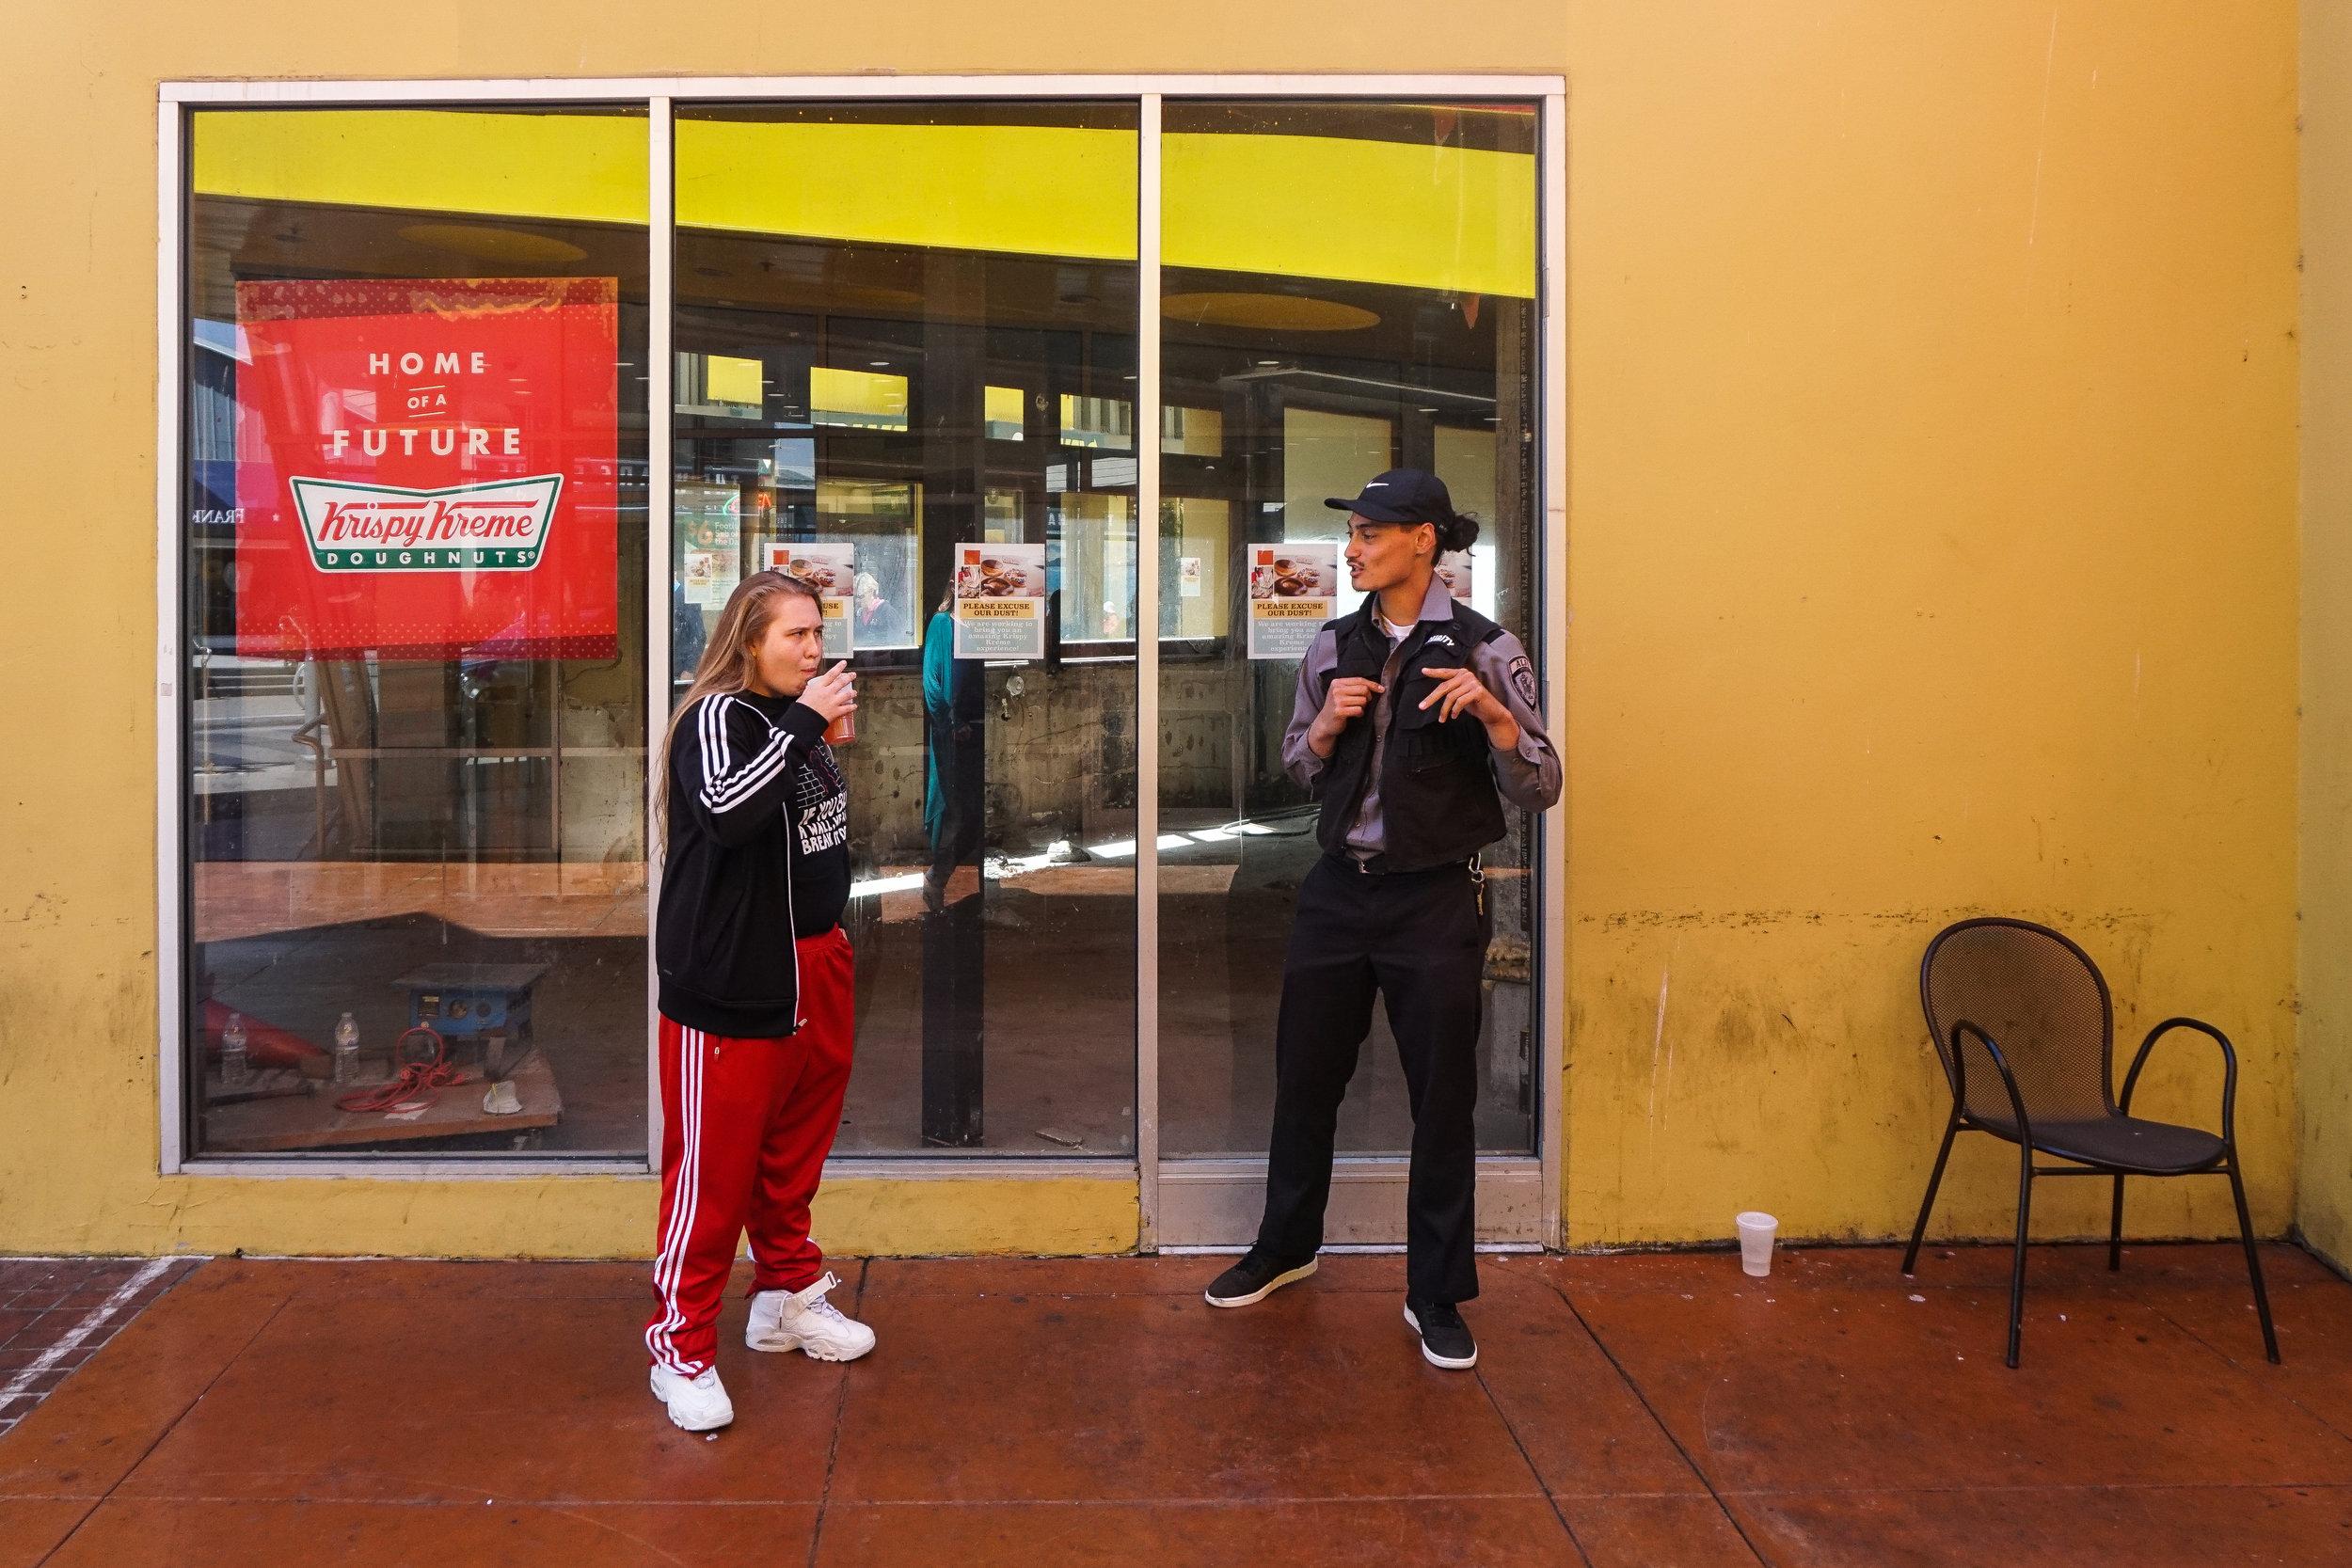 4-Krispy-kreme-1-03964.jpg